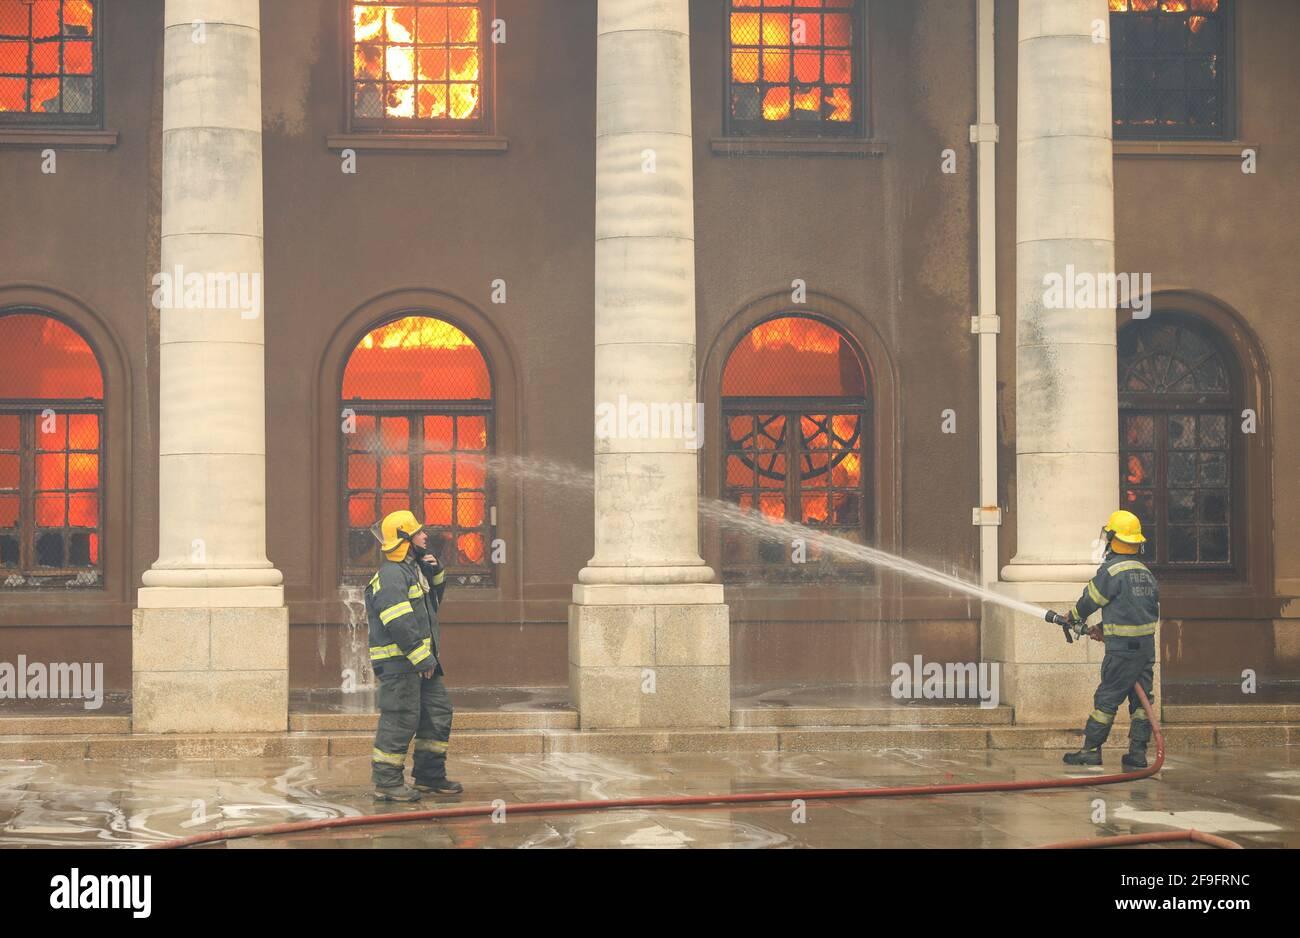 Feuerwehrleute kämpfen gegen Flammen, da die Bibliothek an der Universität von Kapstadt brennt, nachdem am 18. April 2021 ein Buschfeuer an den Hängen des Tafelbergs in Kapstadt, Südafrika, ausbrach. REUTERS/Mike Hutchings Stockfoto